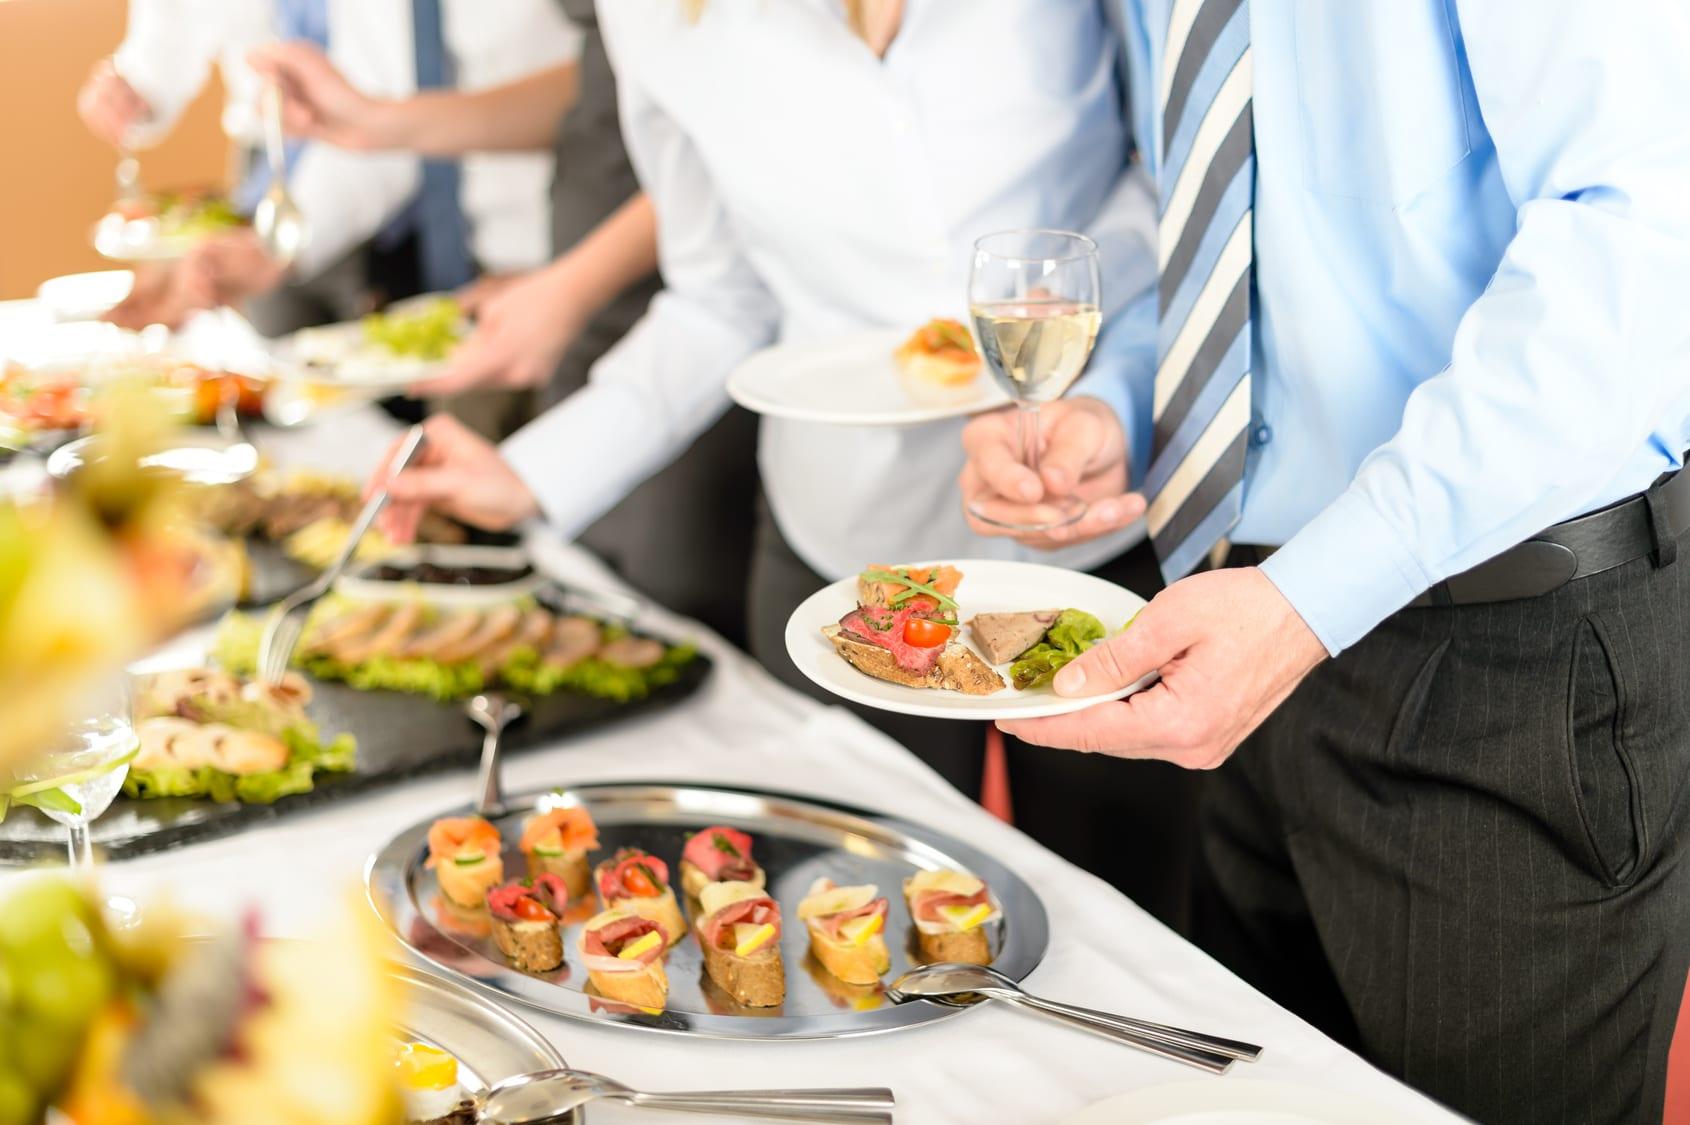 cómo iniciar un negocio de catering en casa